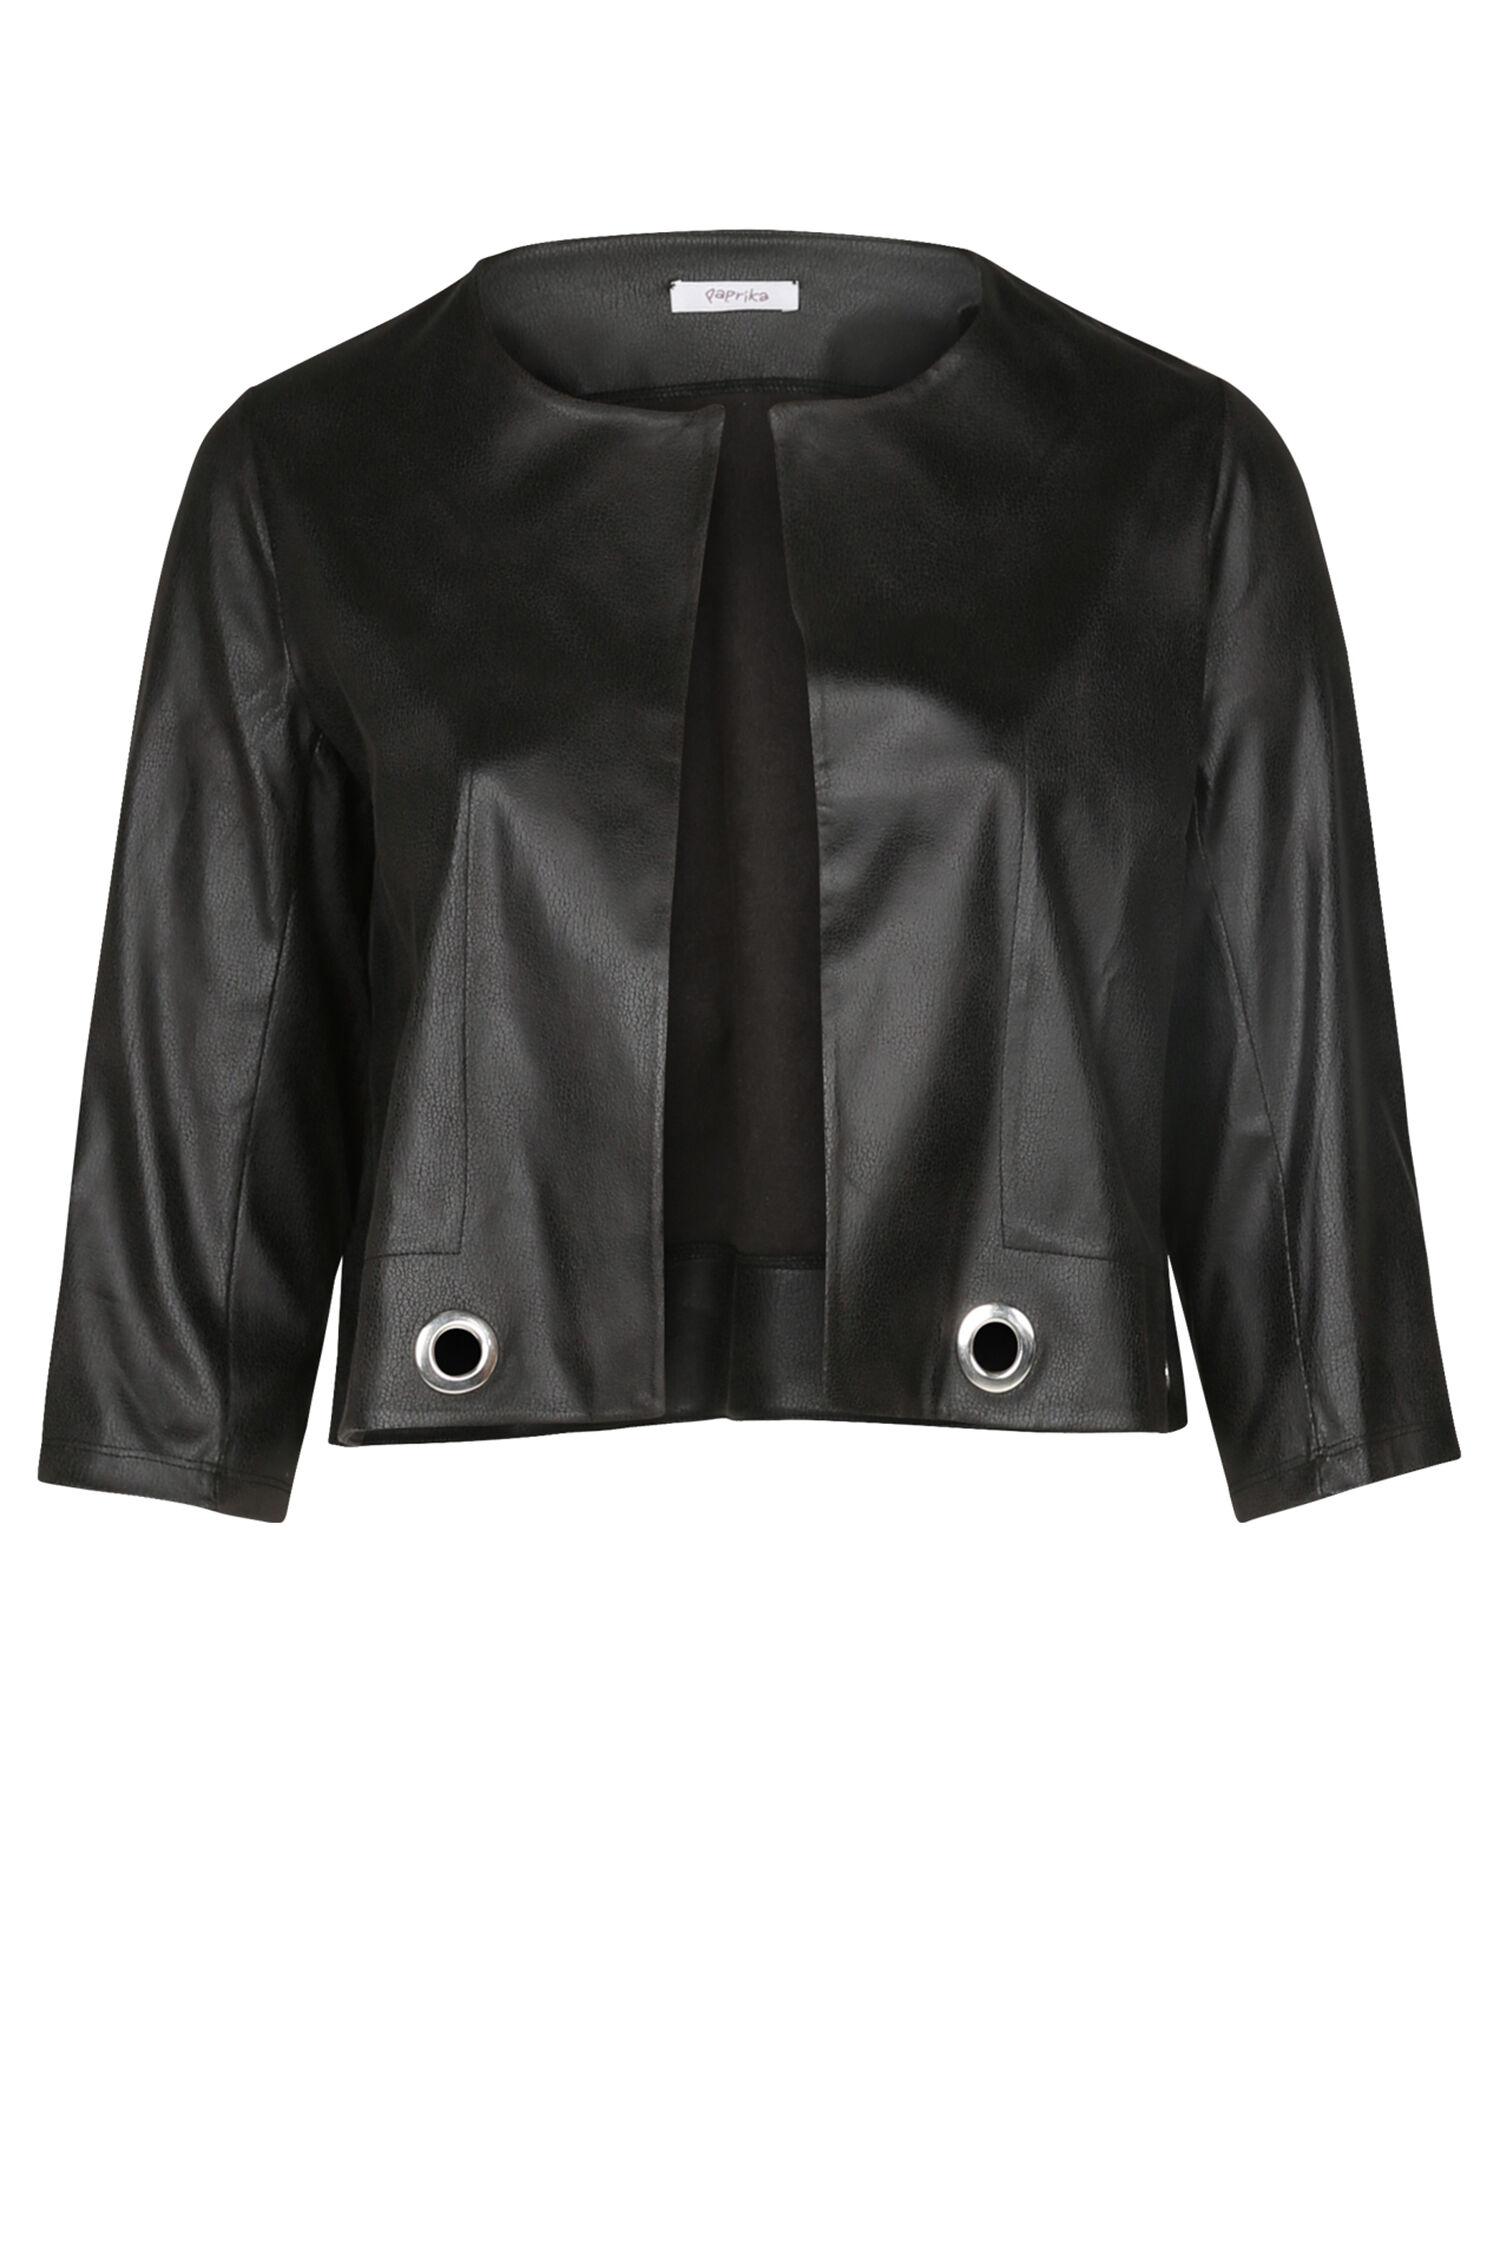 Veste noir courte